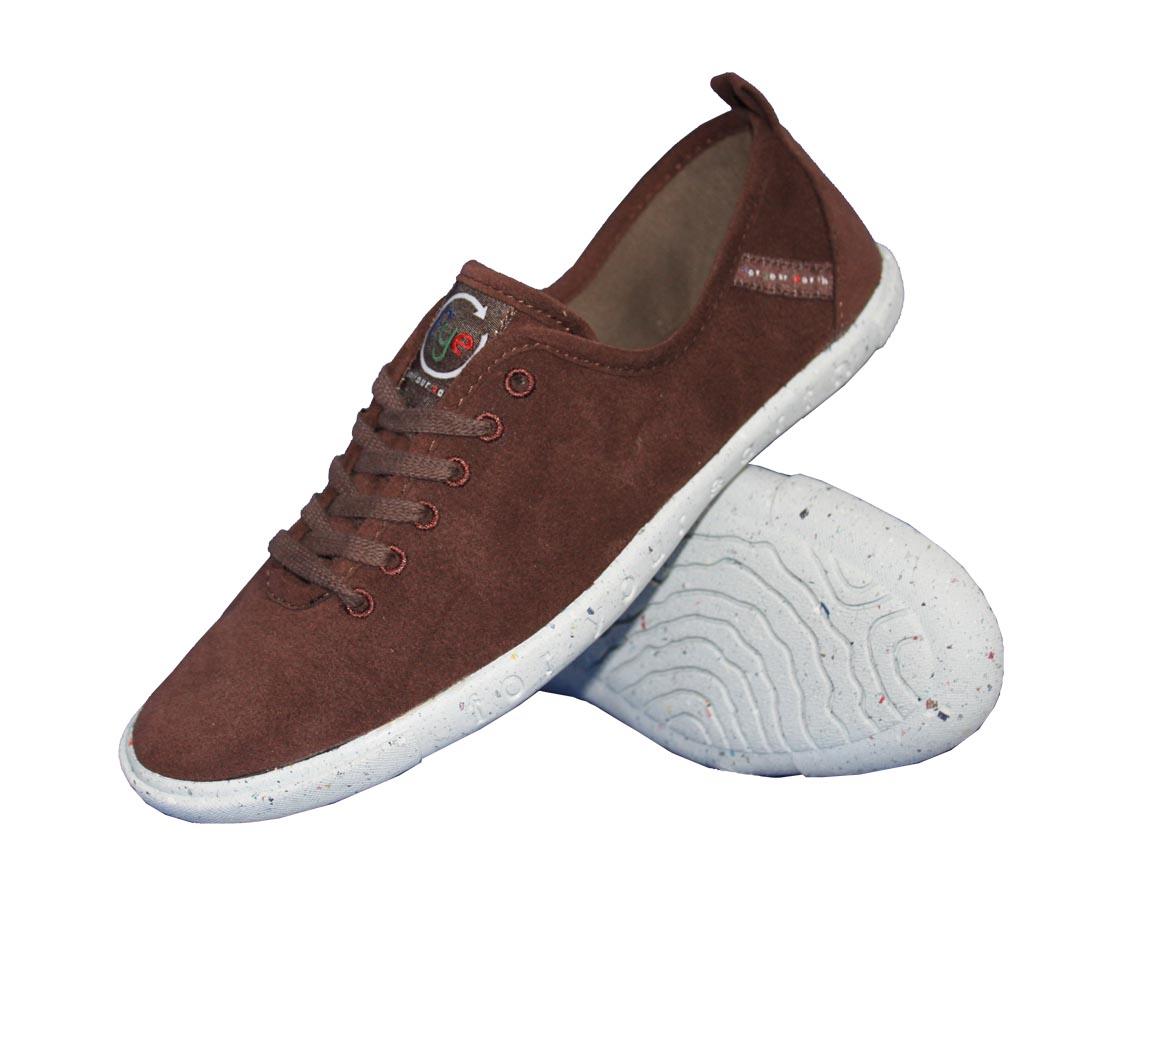 Chaussures addiction : Ce que je vous recommande pour l'achat de vos chaussures sans prise de tête